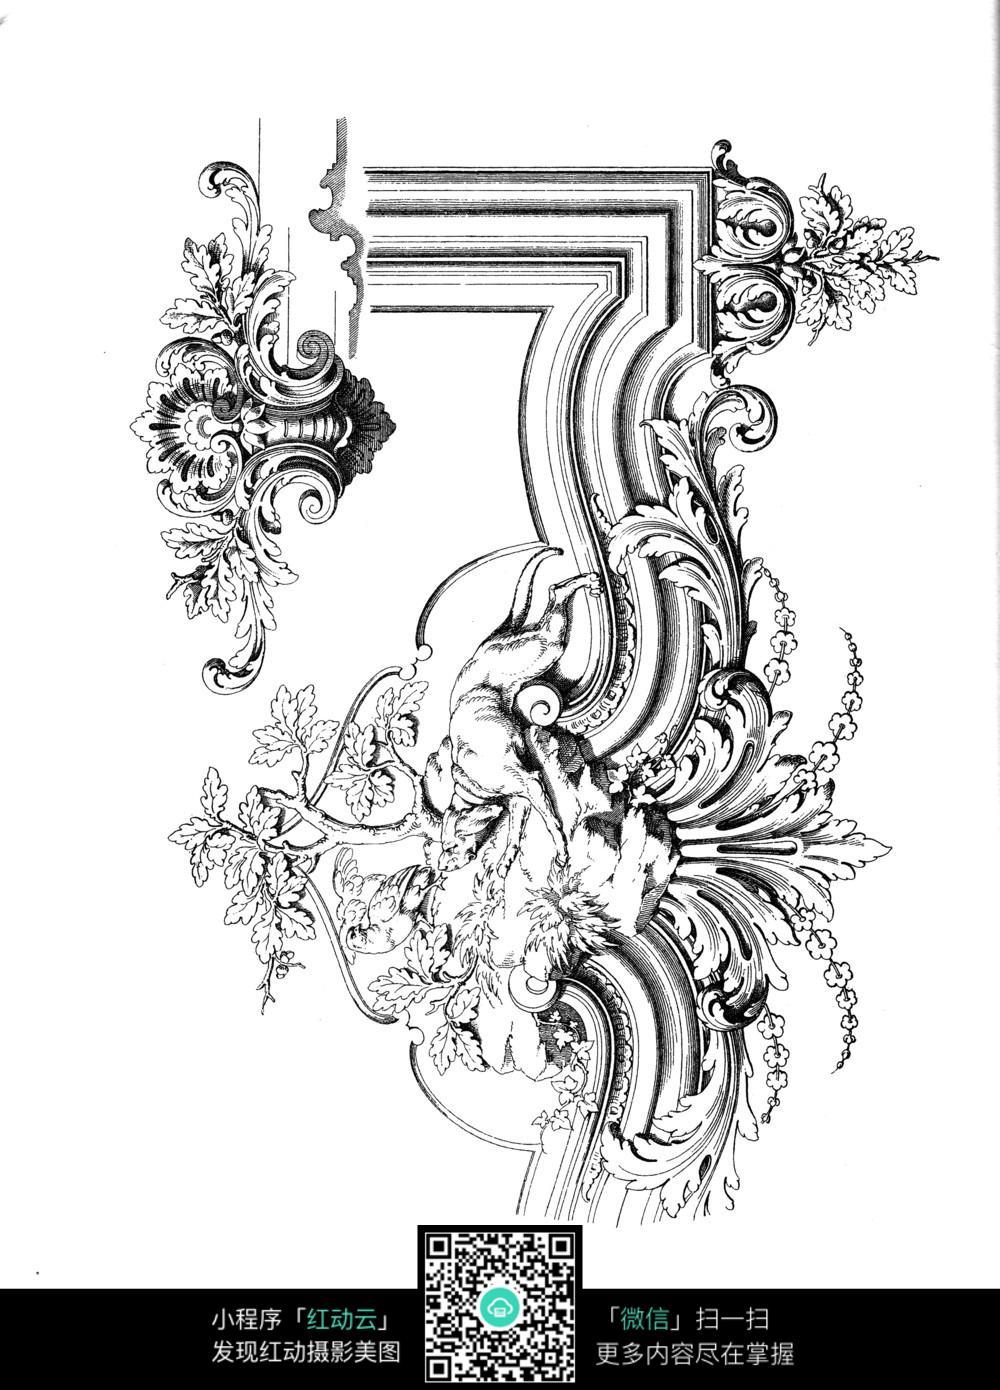 欧式花纹边框装饰图案手绘稿